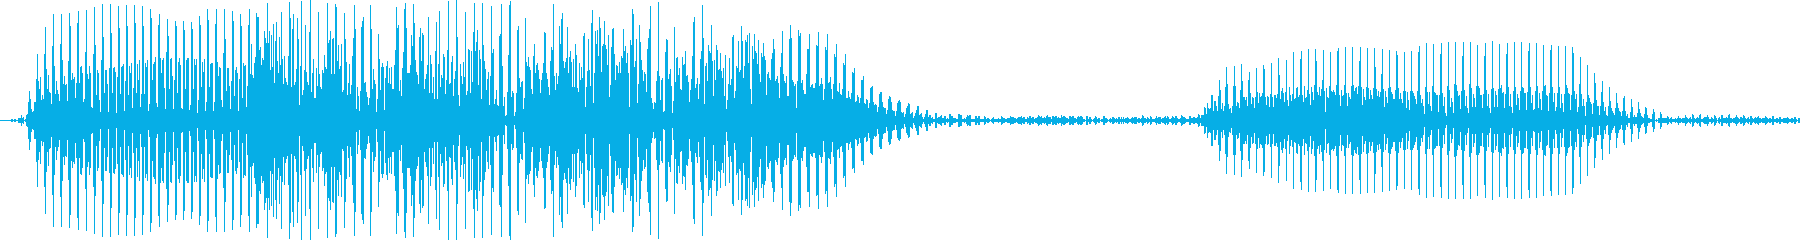 パフ(ラッパ・ギャグ系)の再生済みの波形